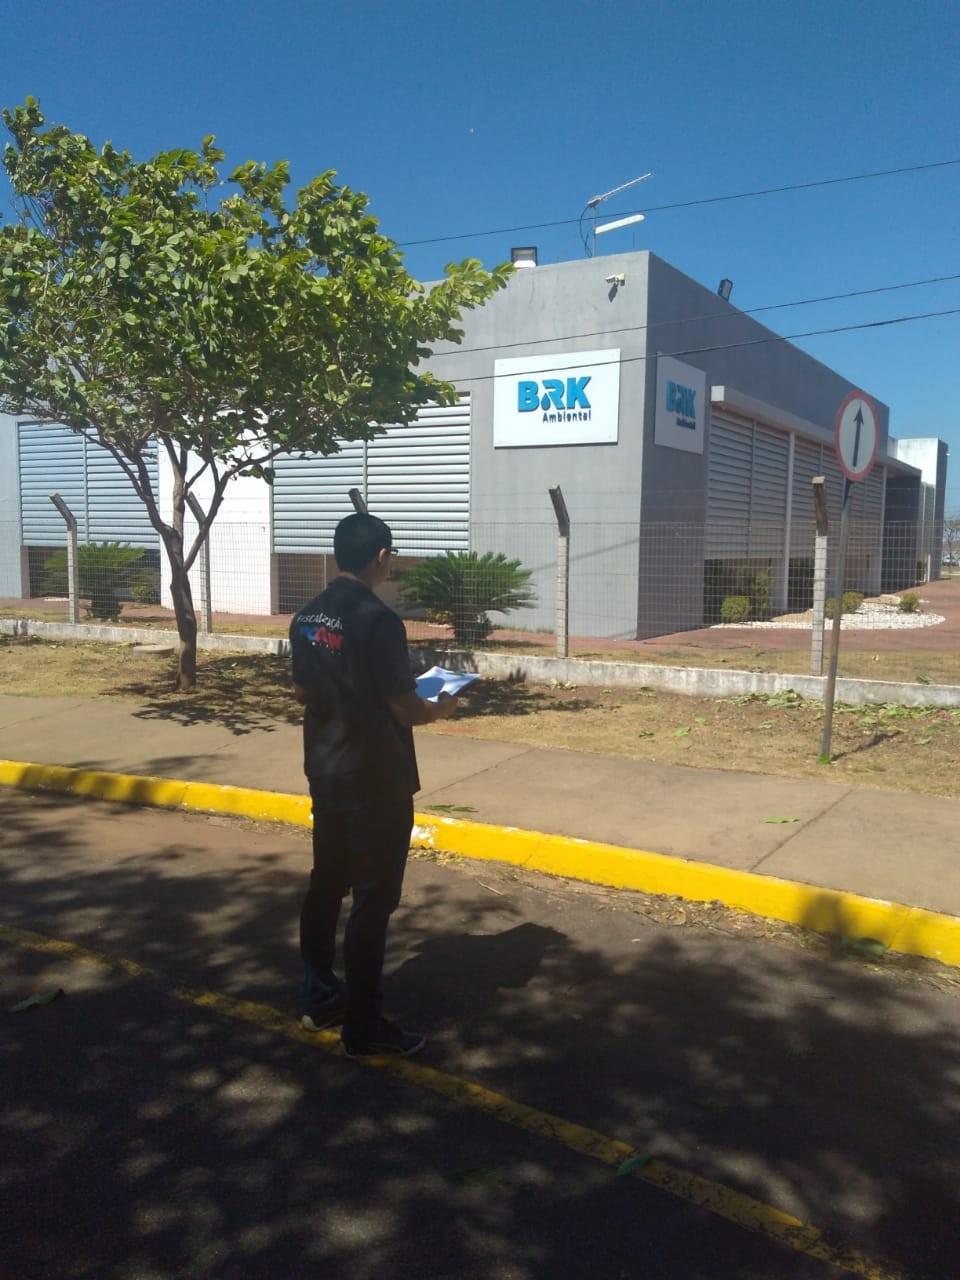 BRK Ambiental é autuada pela 4ª vez em 90 dias após clientes esperarem mais de 1h para serem atendidos - Notícias - Plantão Diário